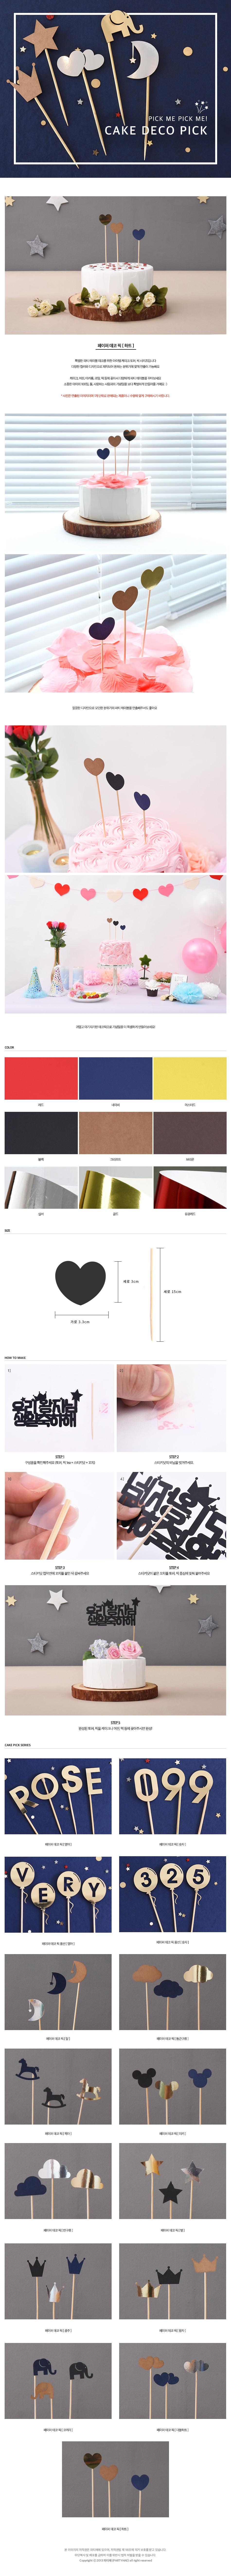 페이퍼 데코 픽 (하트) - 파티해, 550원, 파티용품, 데코/장식용품